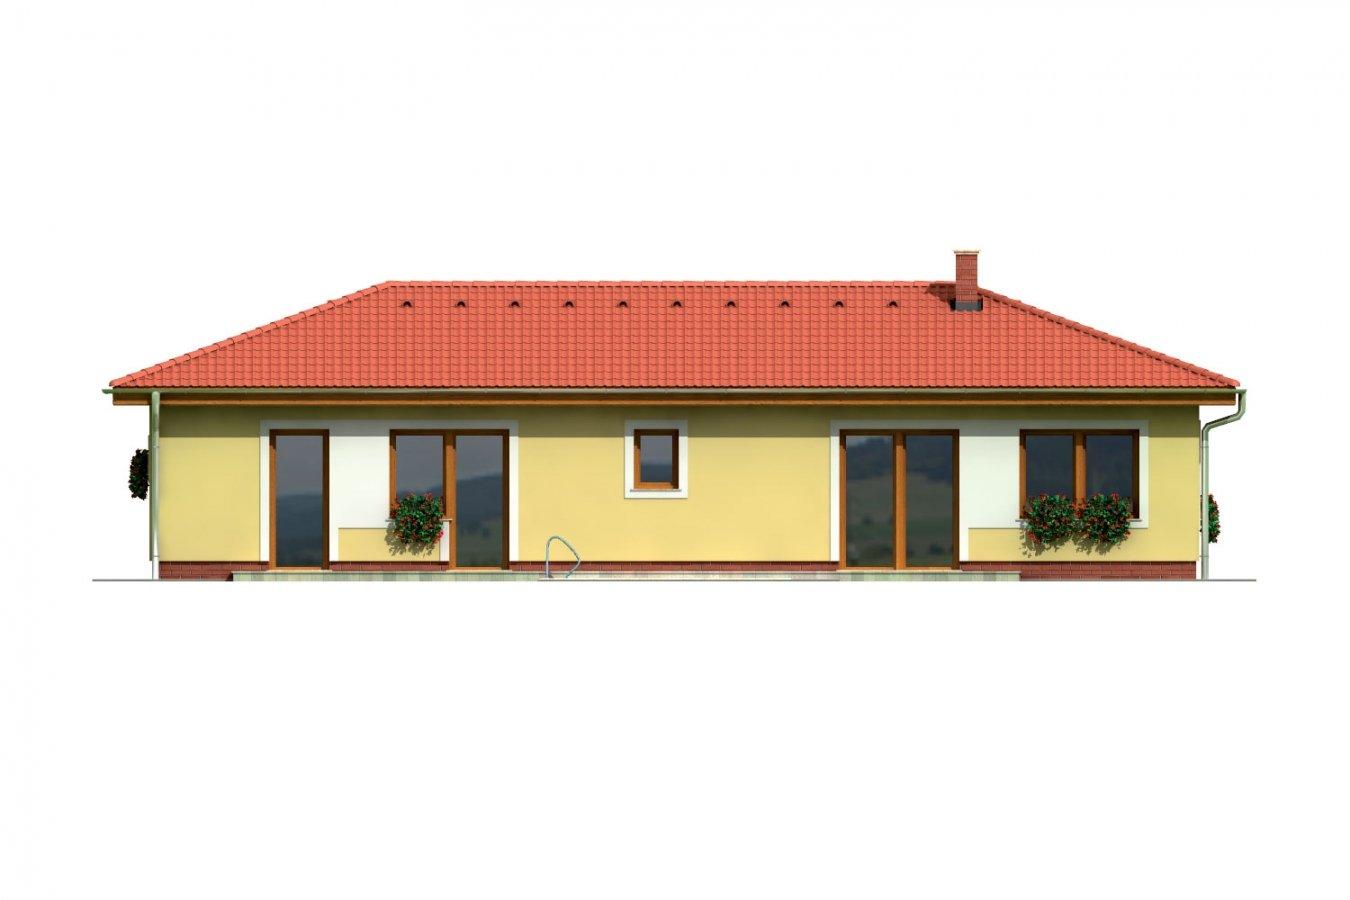 Pohľad 3. - Projekt domu v tvare L do ulice. Veľký 6-izbový rodinný dom s garážou.